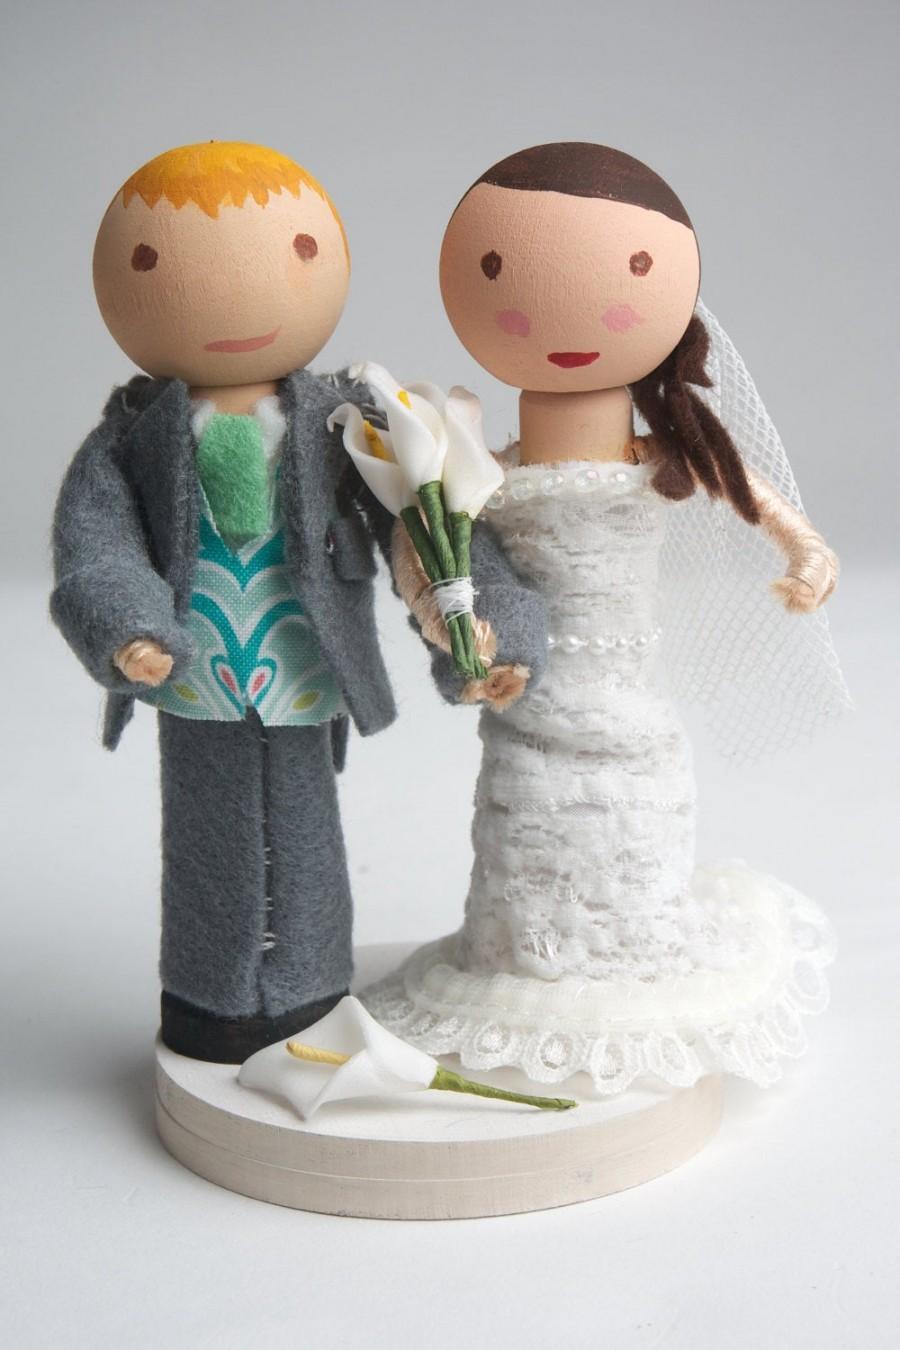 Свадьба - Customized, Handmade, Bride & Groom, Wooden Peg Doll, Wedding Cake Topper